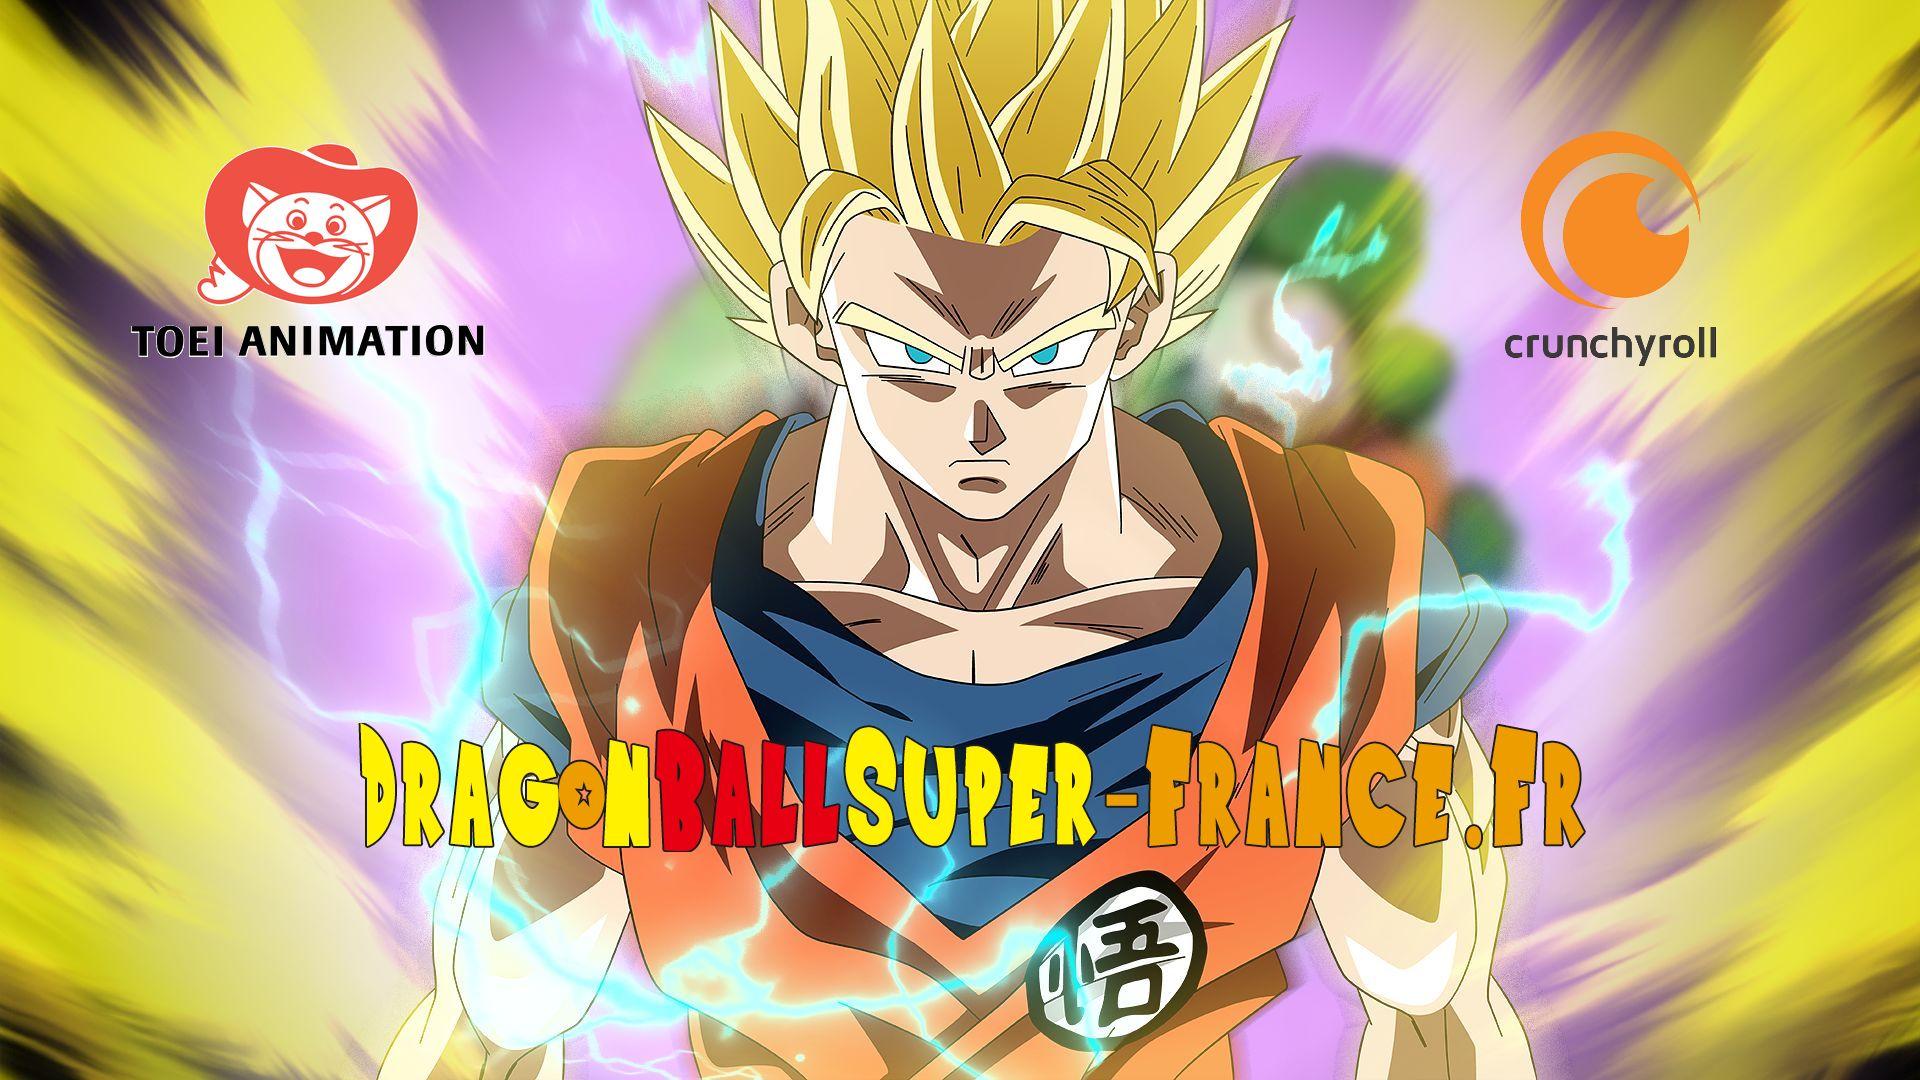 Toei Animation et Crunchyroll ont annoncé une diffusion Simulcast de Dragon Ball Super